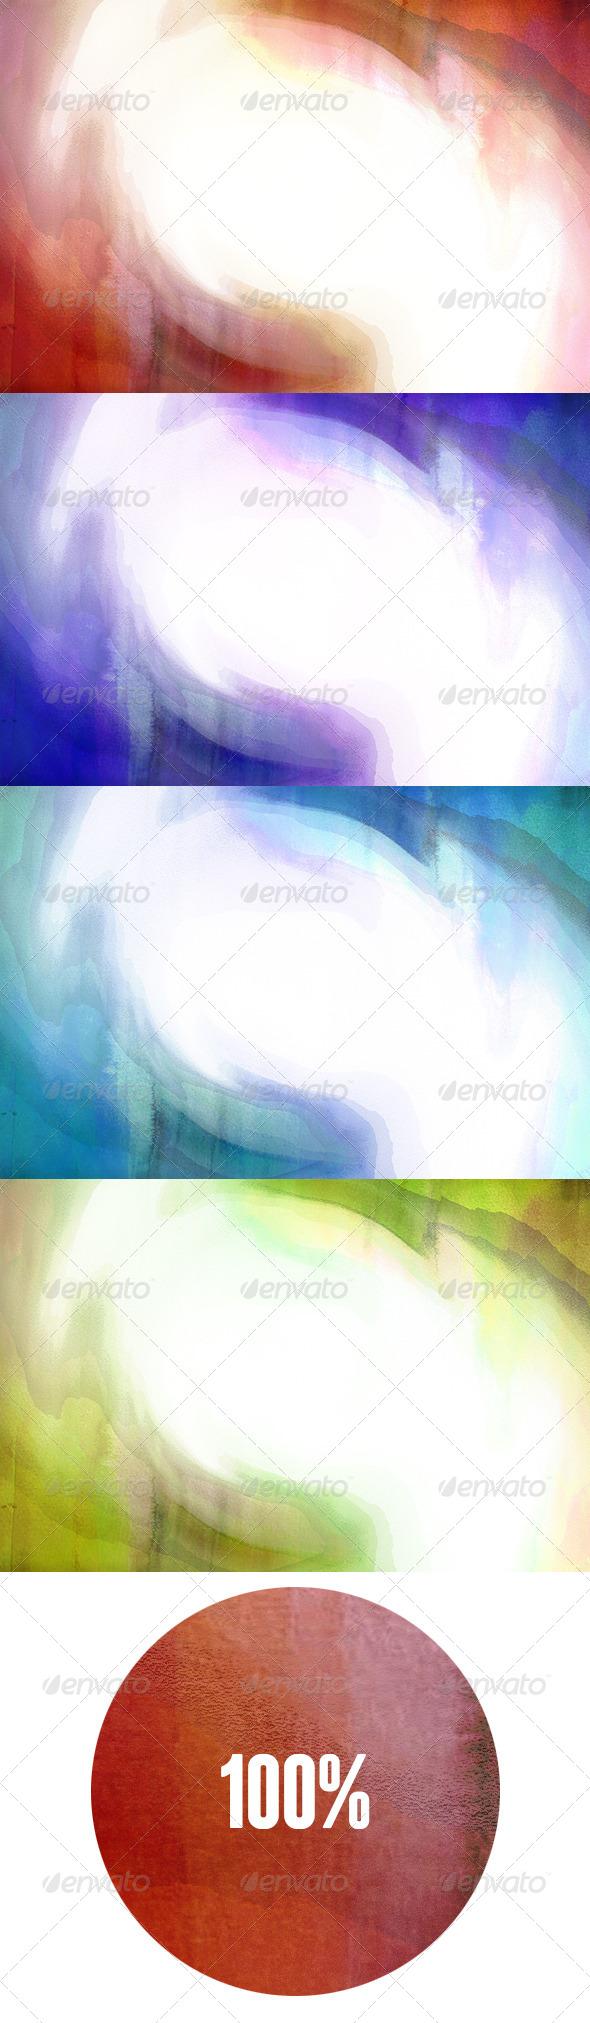 GraphicRiver Watercolor Dream 6837110